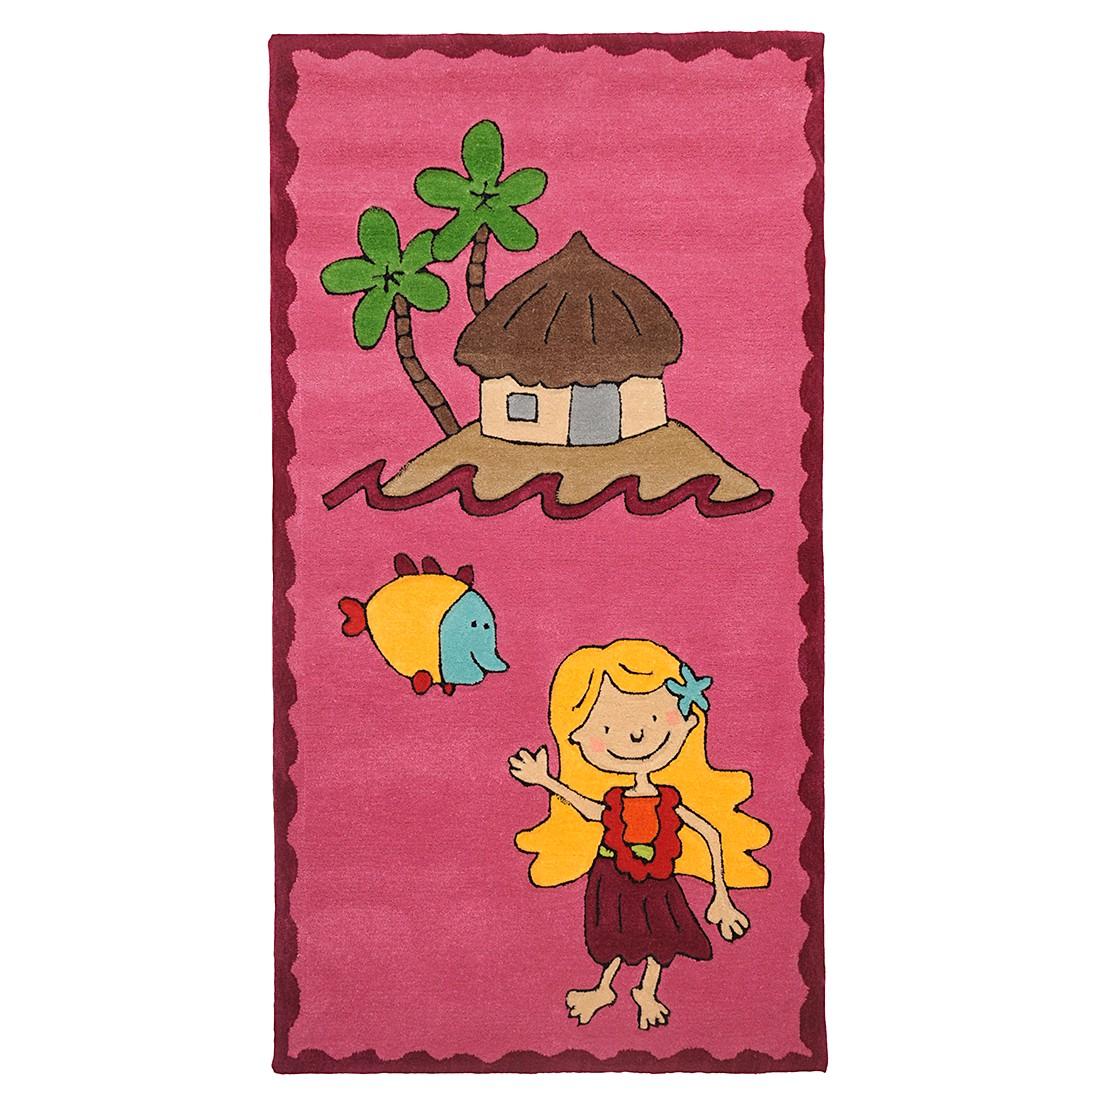 home24 Kinderteppich Maui | Kinderzimmer | Pink | Textil | THEKO die markenteppiche